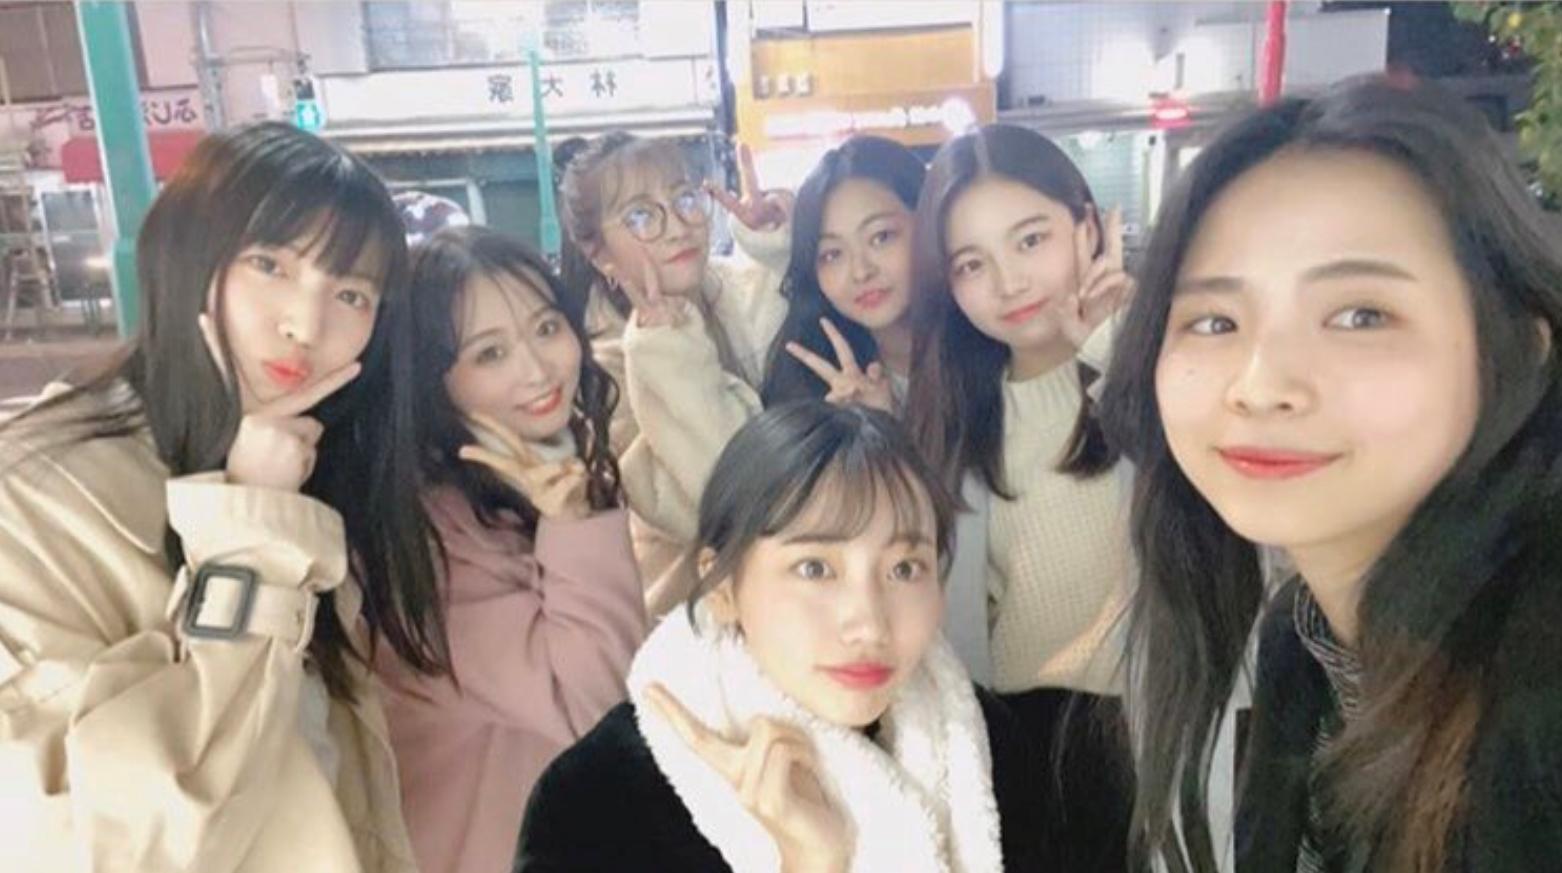 メンバー 脱落 虹 プロ 虹プロ男性版グループメンバー!JYP練習生やJO1・EN